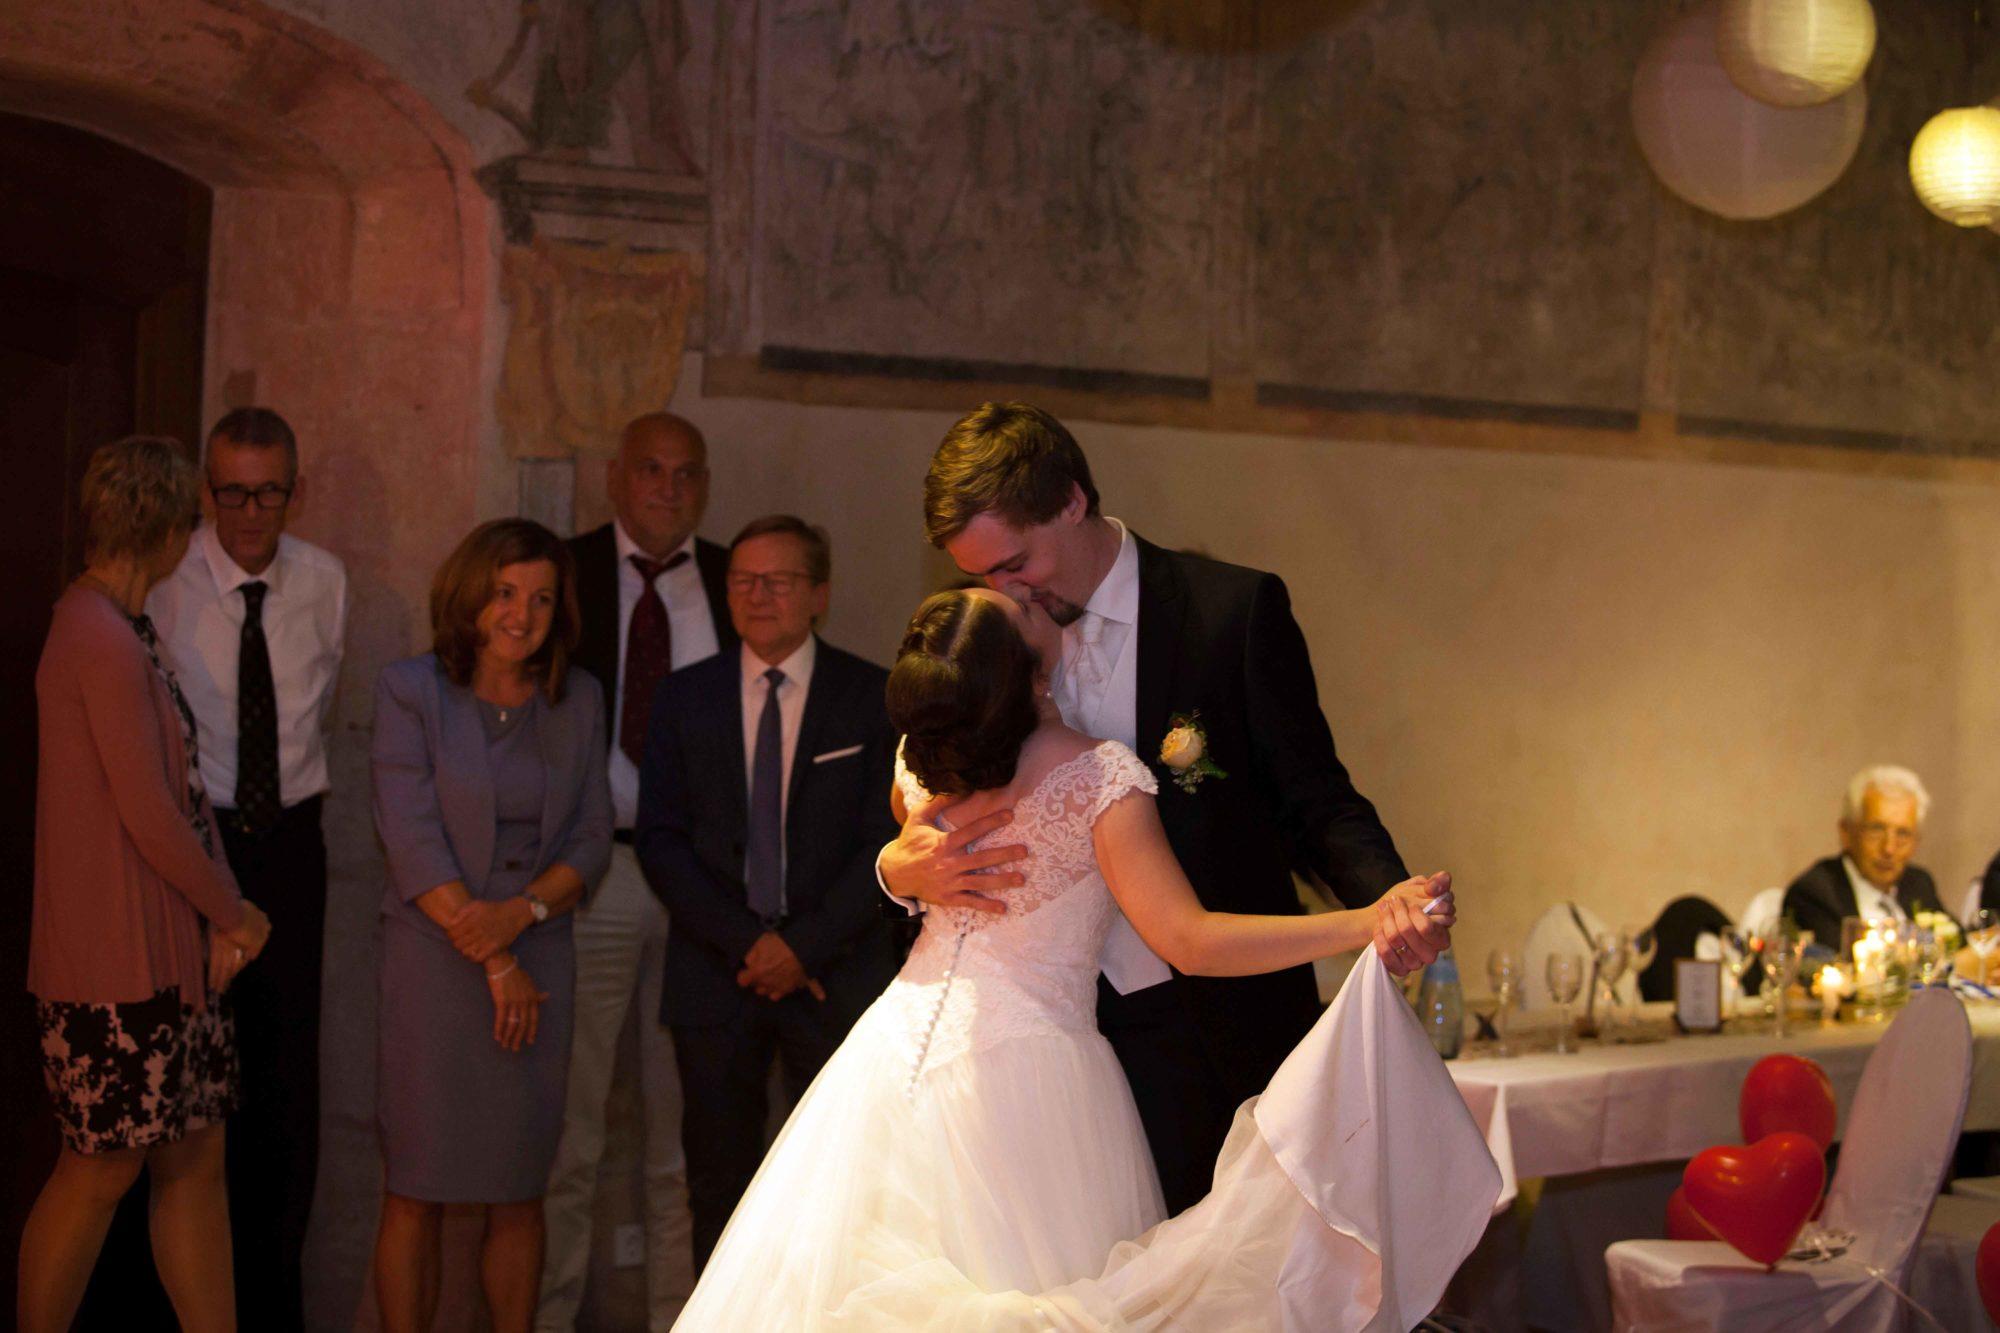 Hochzeitsbilder, Hochzeitsfotografie, Schwäbisch Gmünd, Kloster Lorch, Hochzeitsfotograf, Kirchliche Trauung, Hochzeitsfeier, Hochzeitstanz